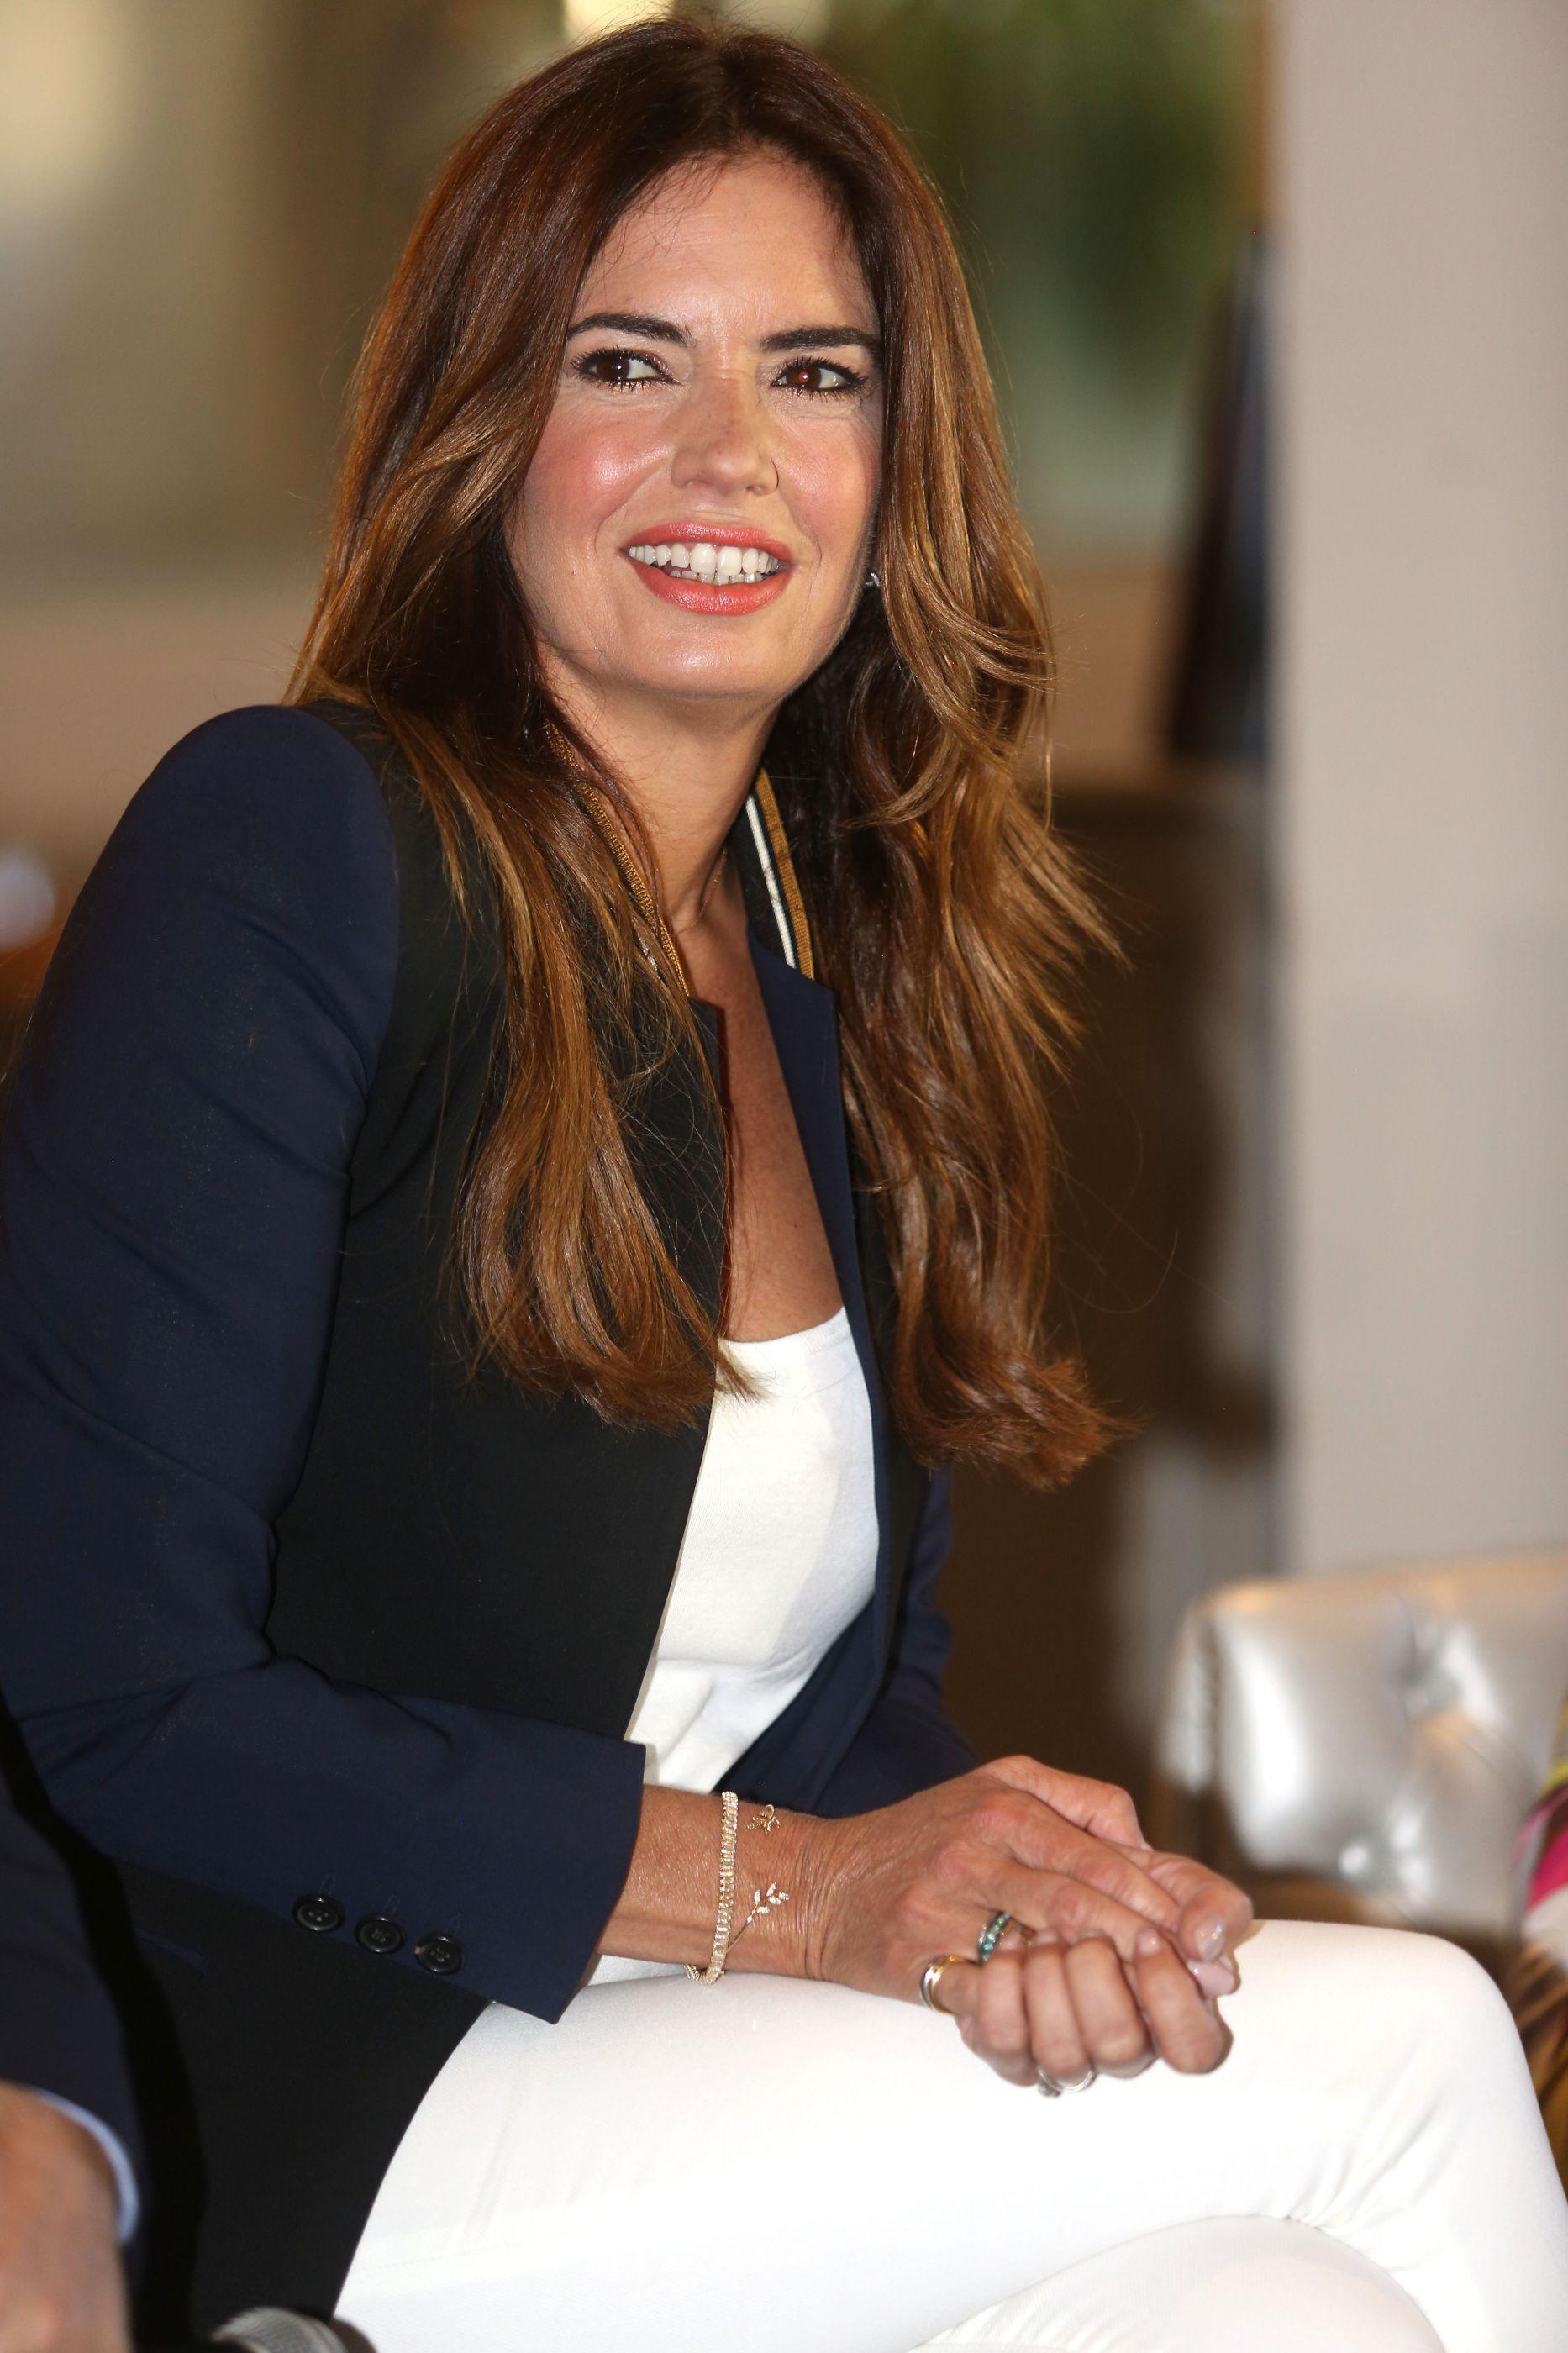 """Bárbara Guimarães cada vez mais apaixonada: """"Meu amor, vamos juntos"""""""